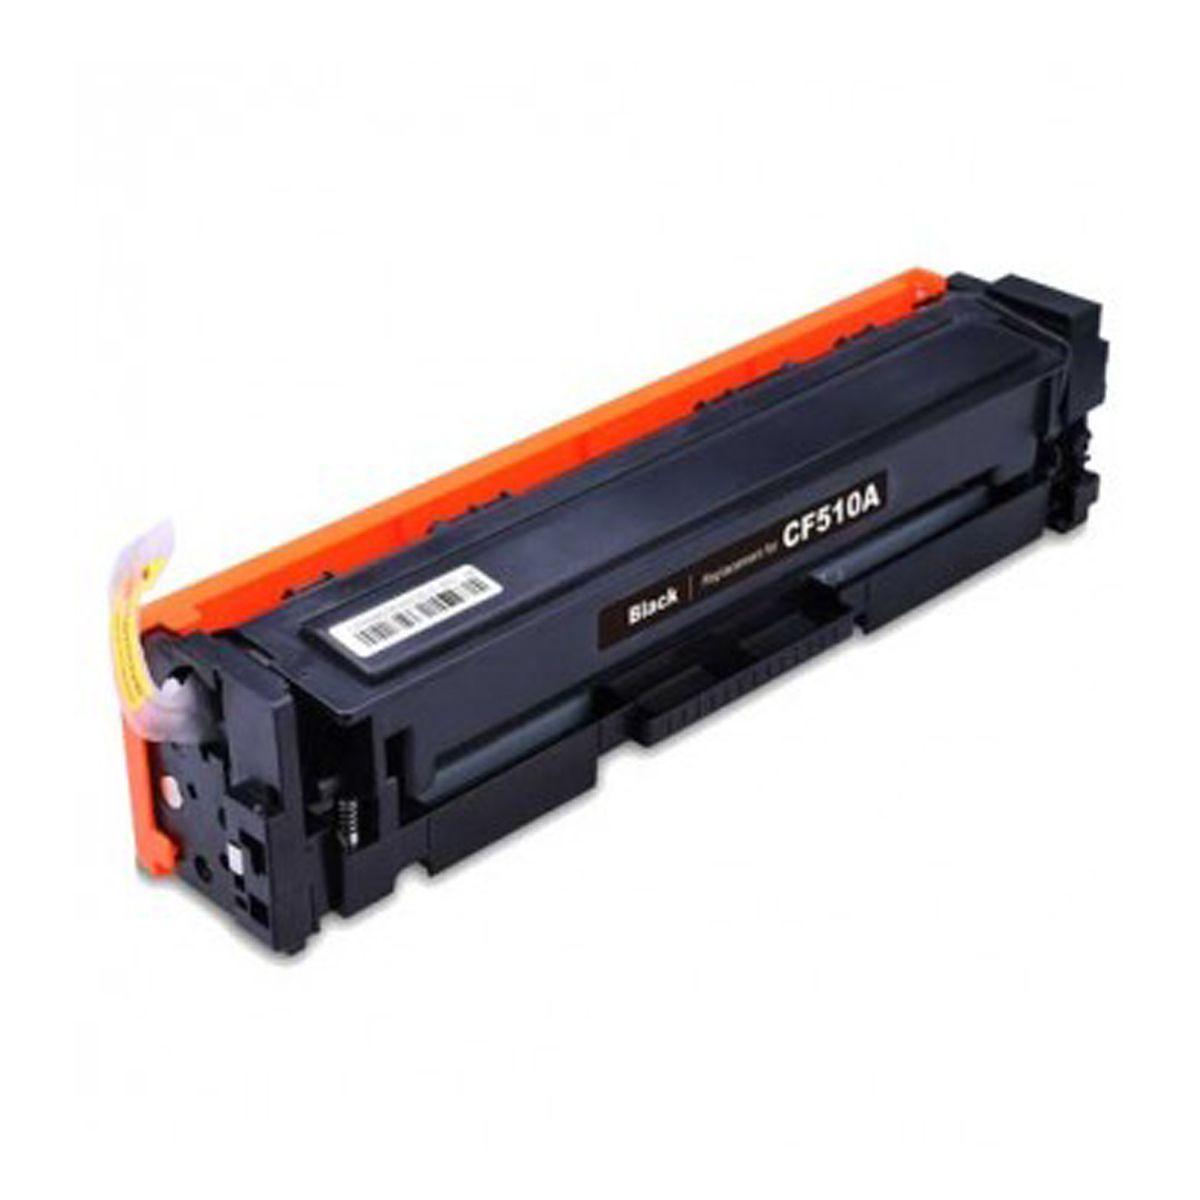 Toner CF510A CF510 510A 204A Preto - M180NW M180 - 1.1k